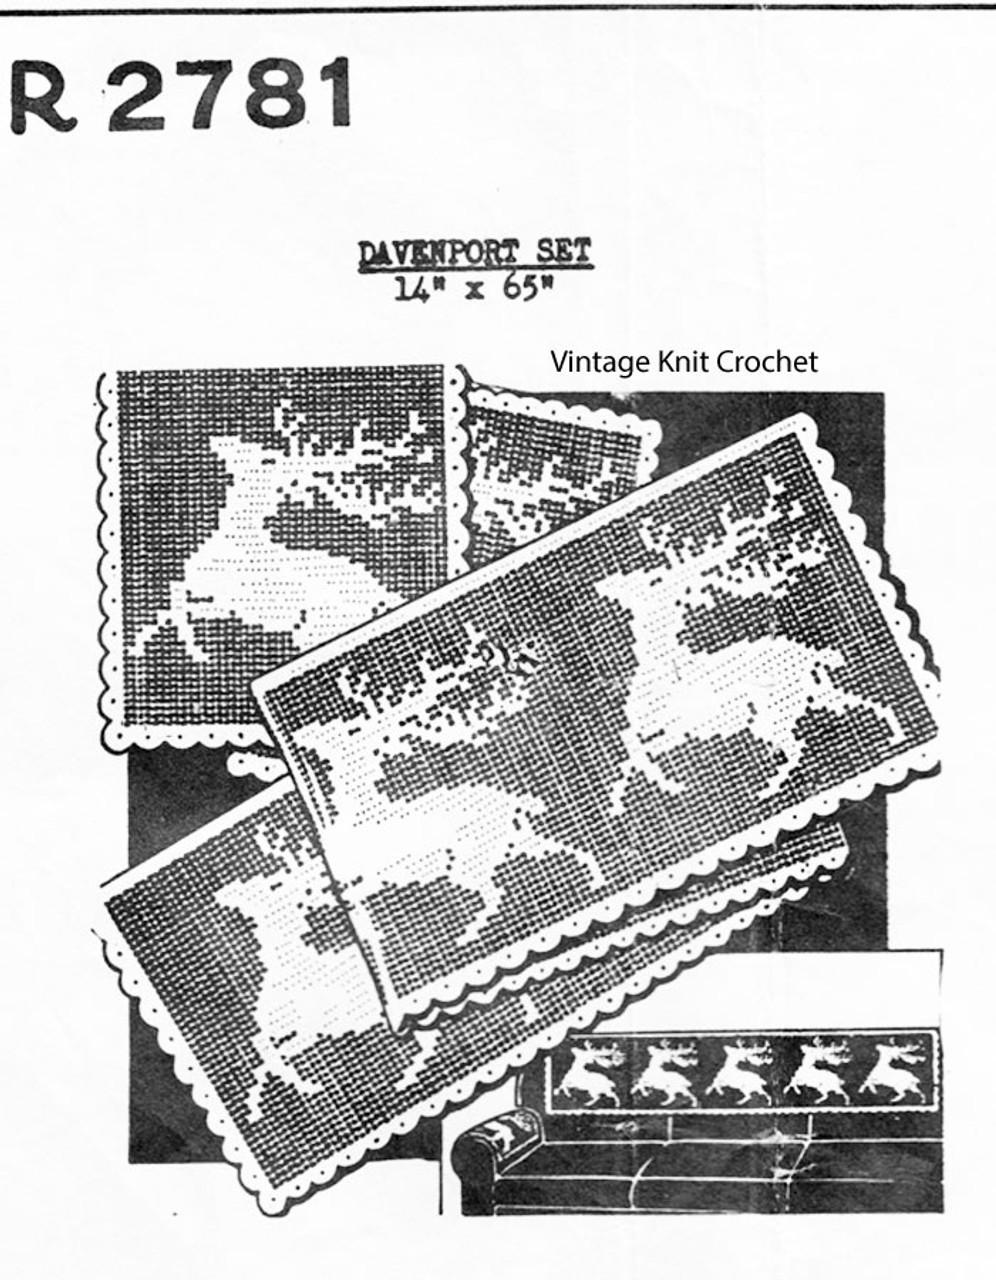 Running Antelope Filet Crochet Pattern, Davenport Set, Mail Order 2781